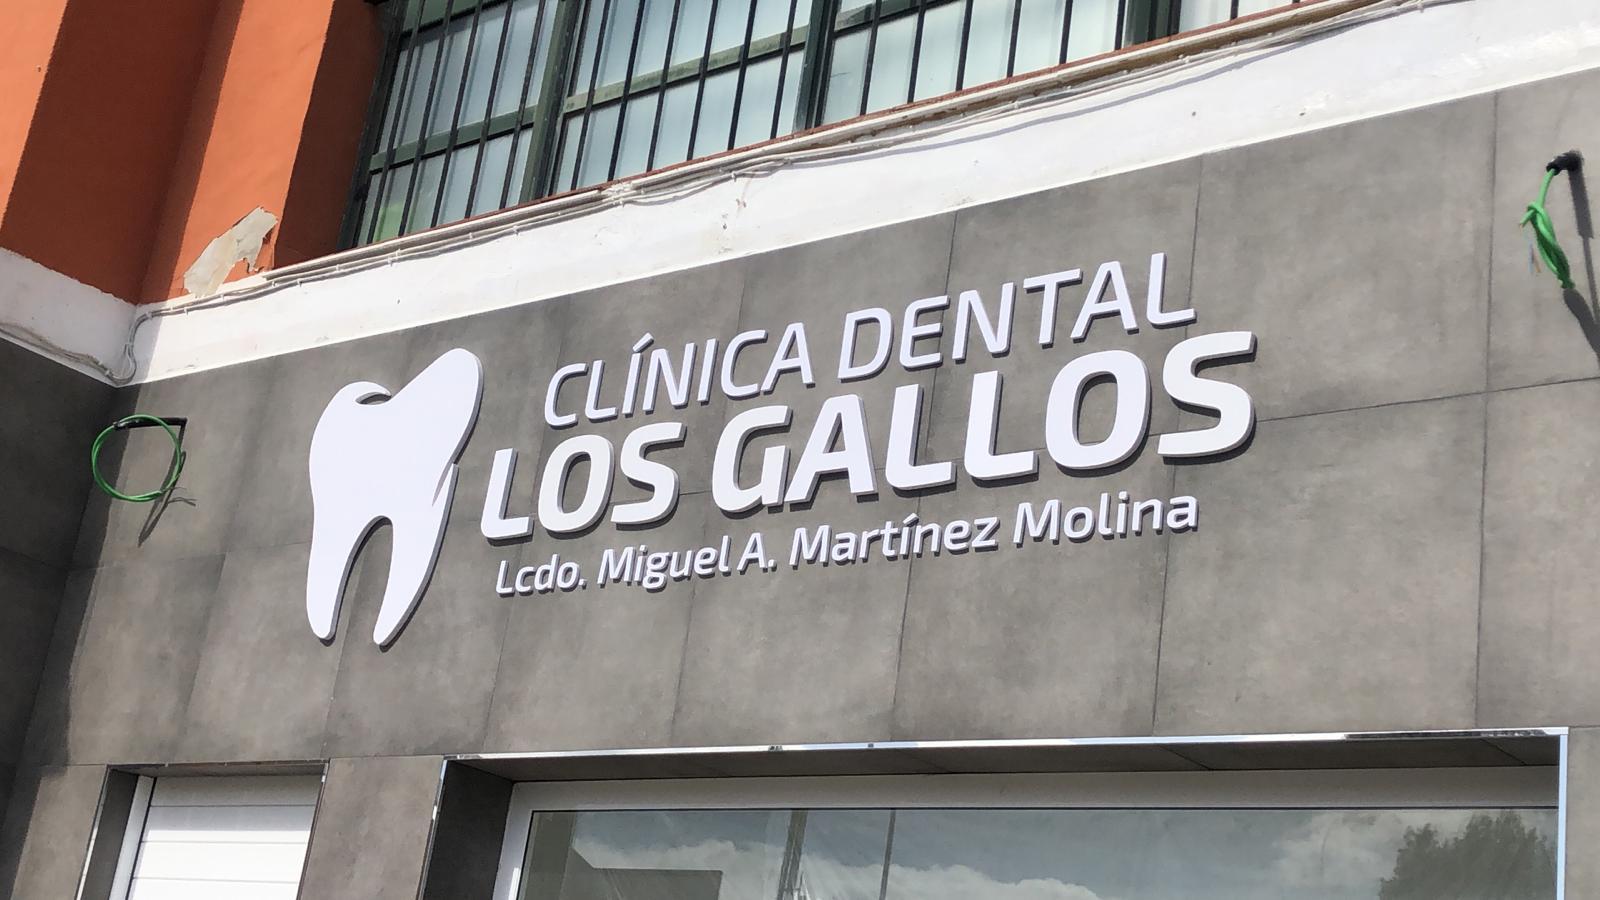 Detalle rótulos de la clínica dental Los gallos